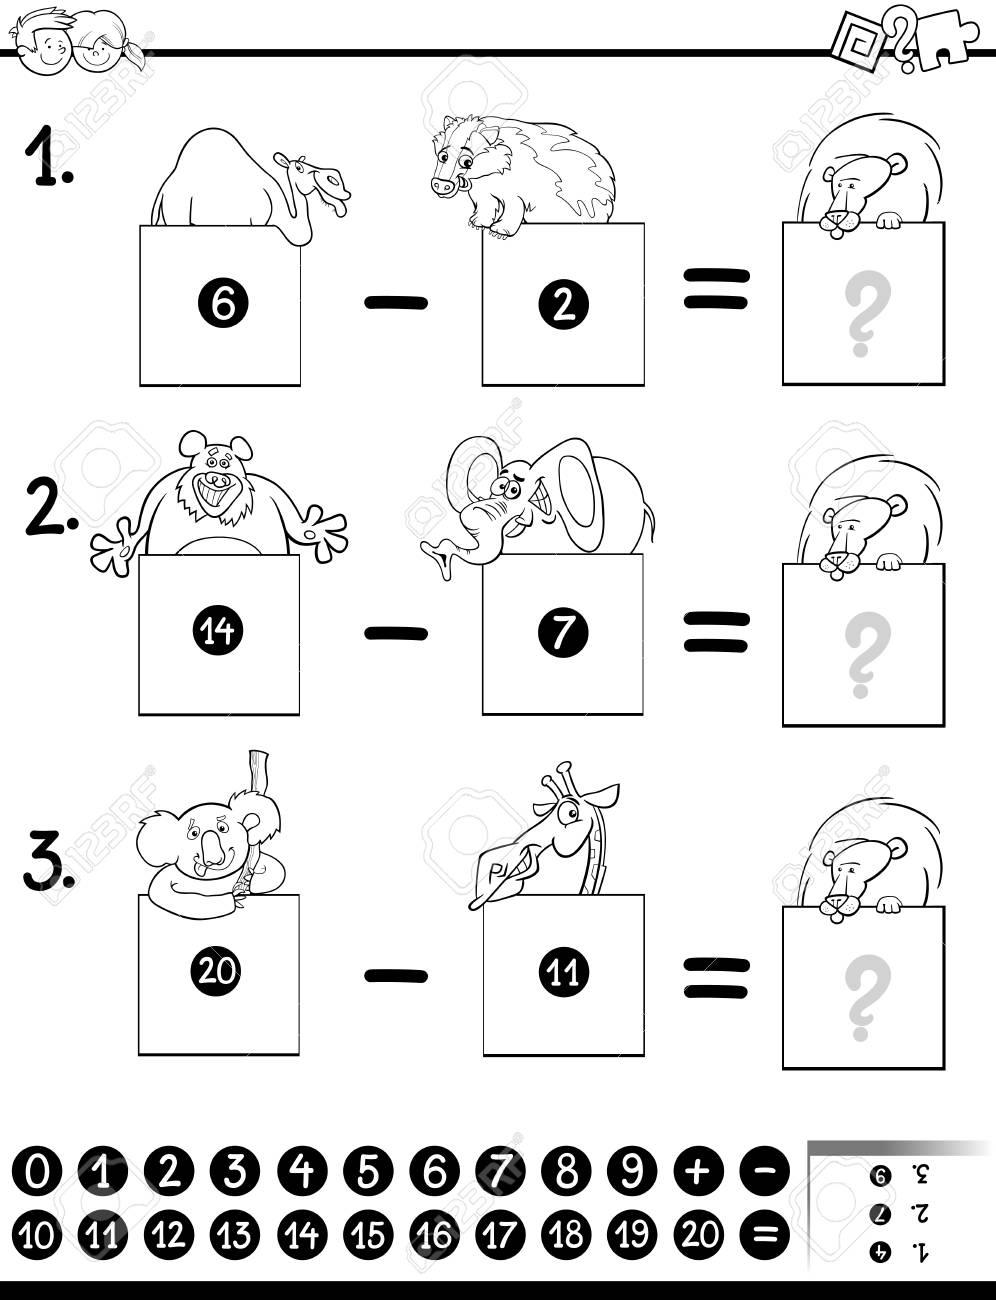 Ilustracion De Dibujos Animados En Blanco Y Negro De La Resta